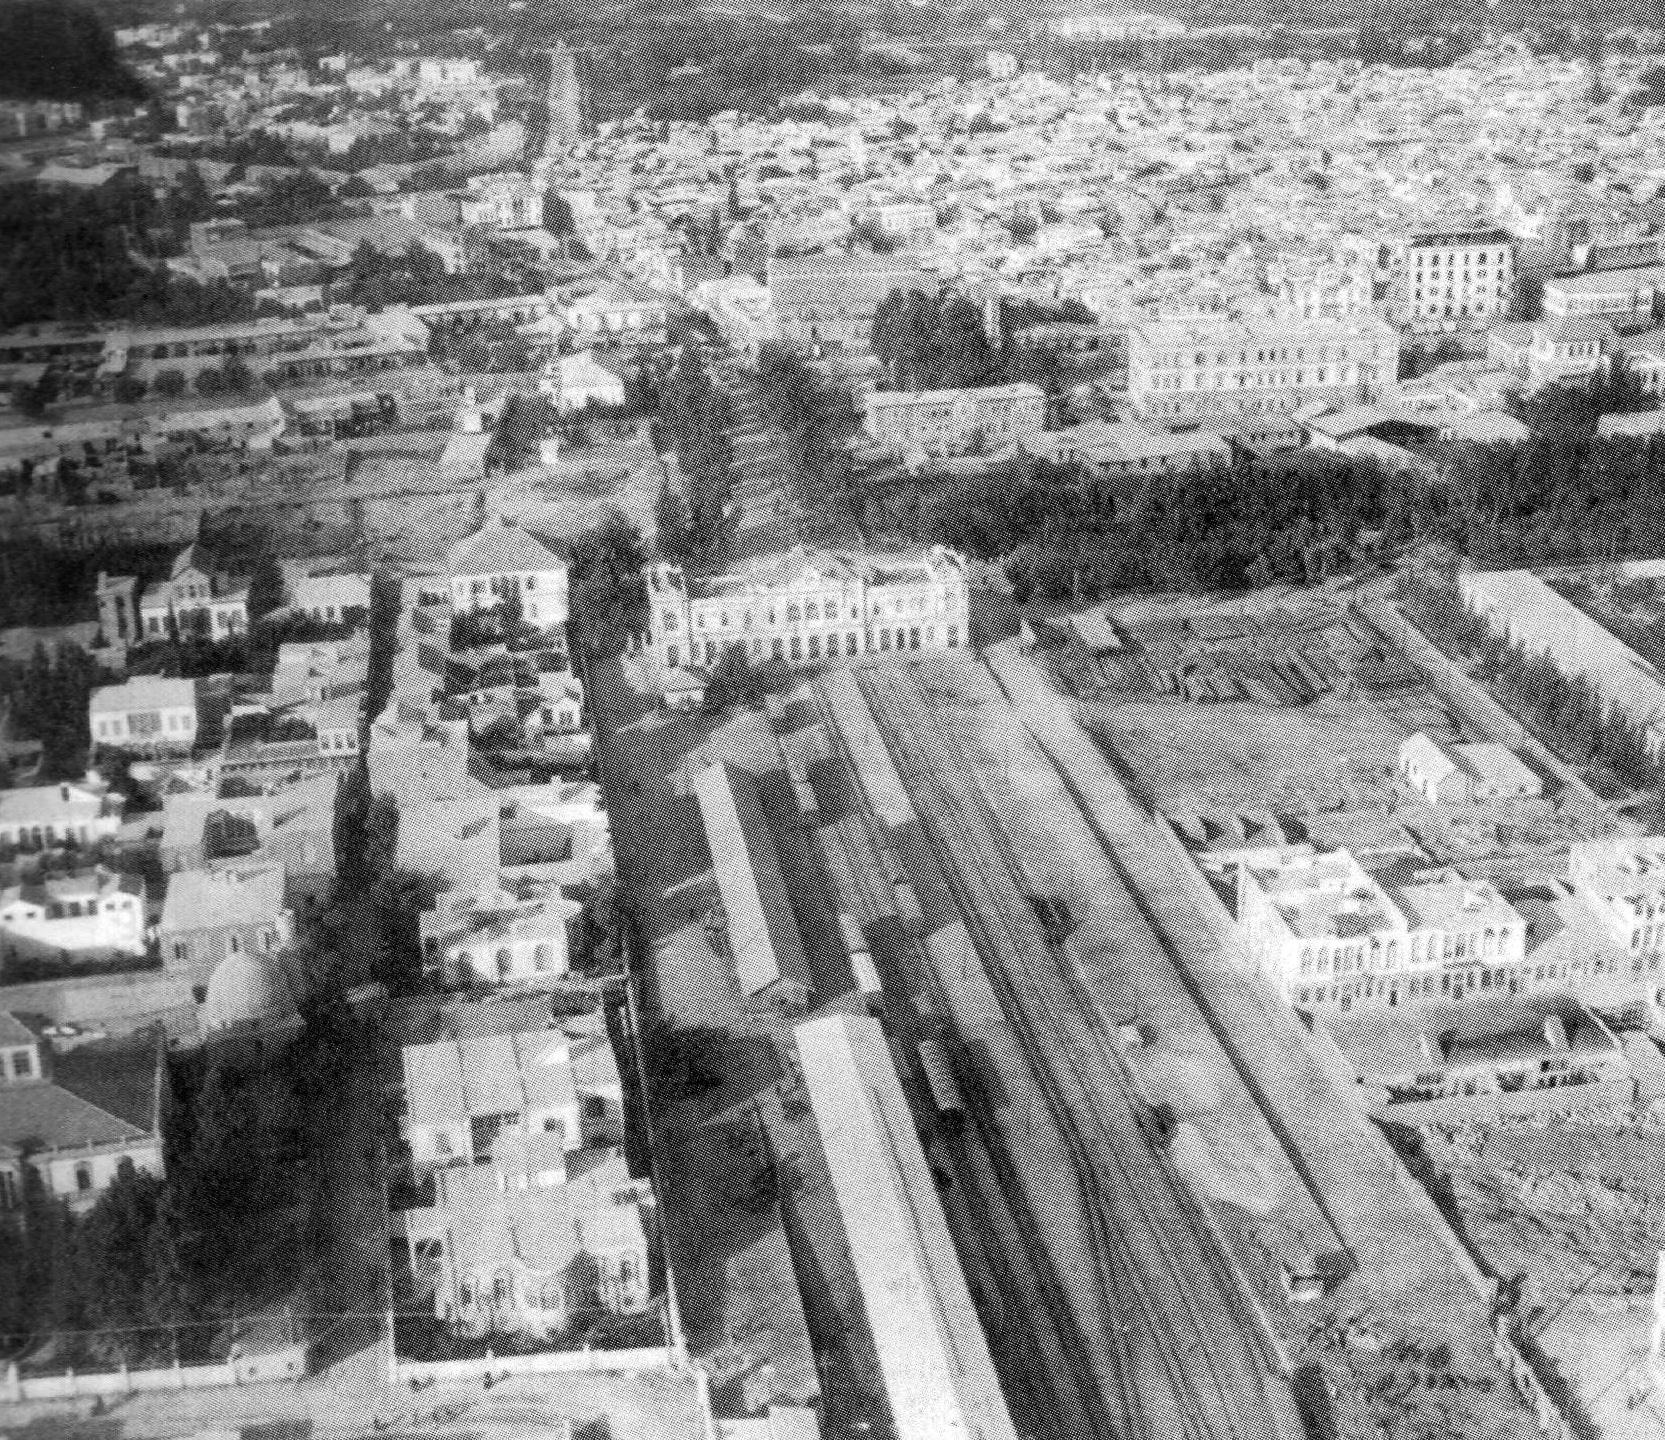 Vista aérea de la estación de tren de Hiyaz en el centro de Damasco (Siria)